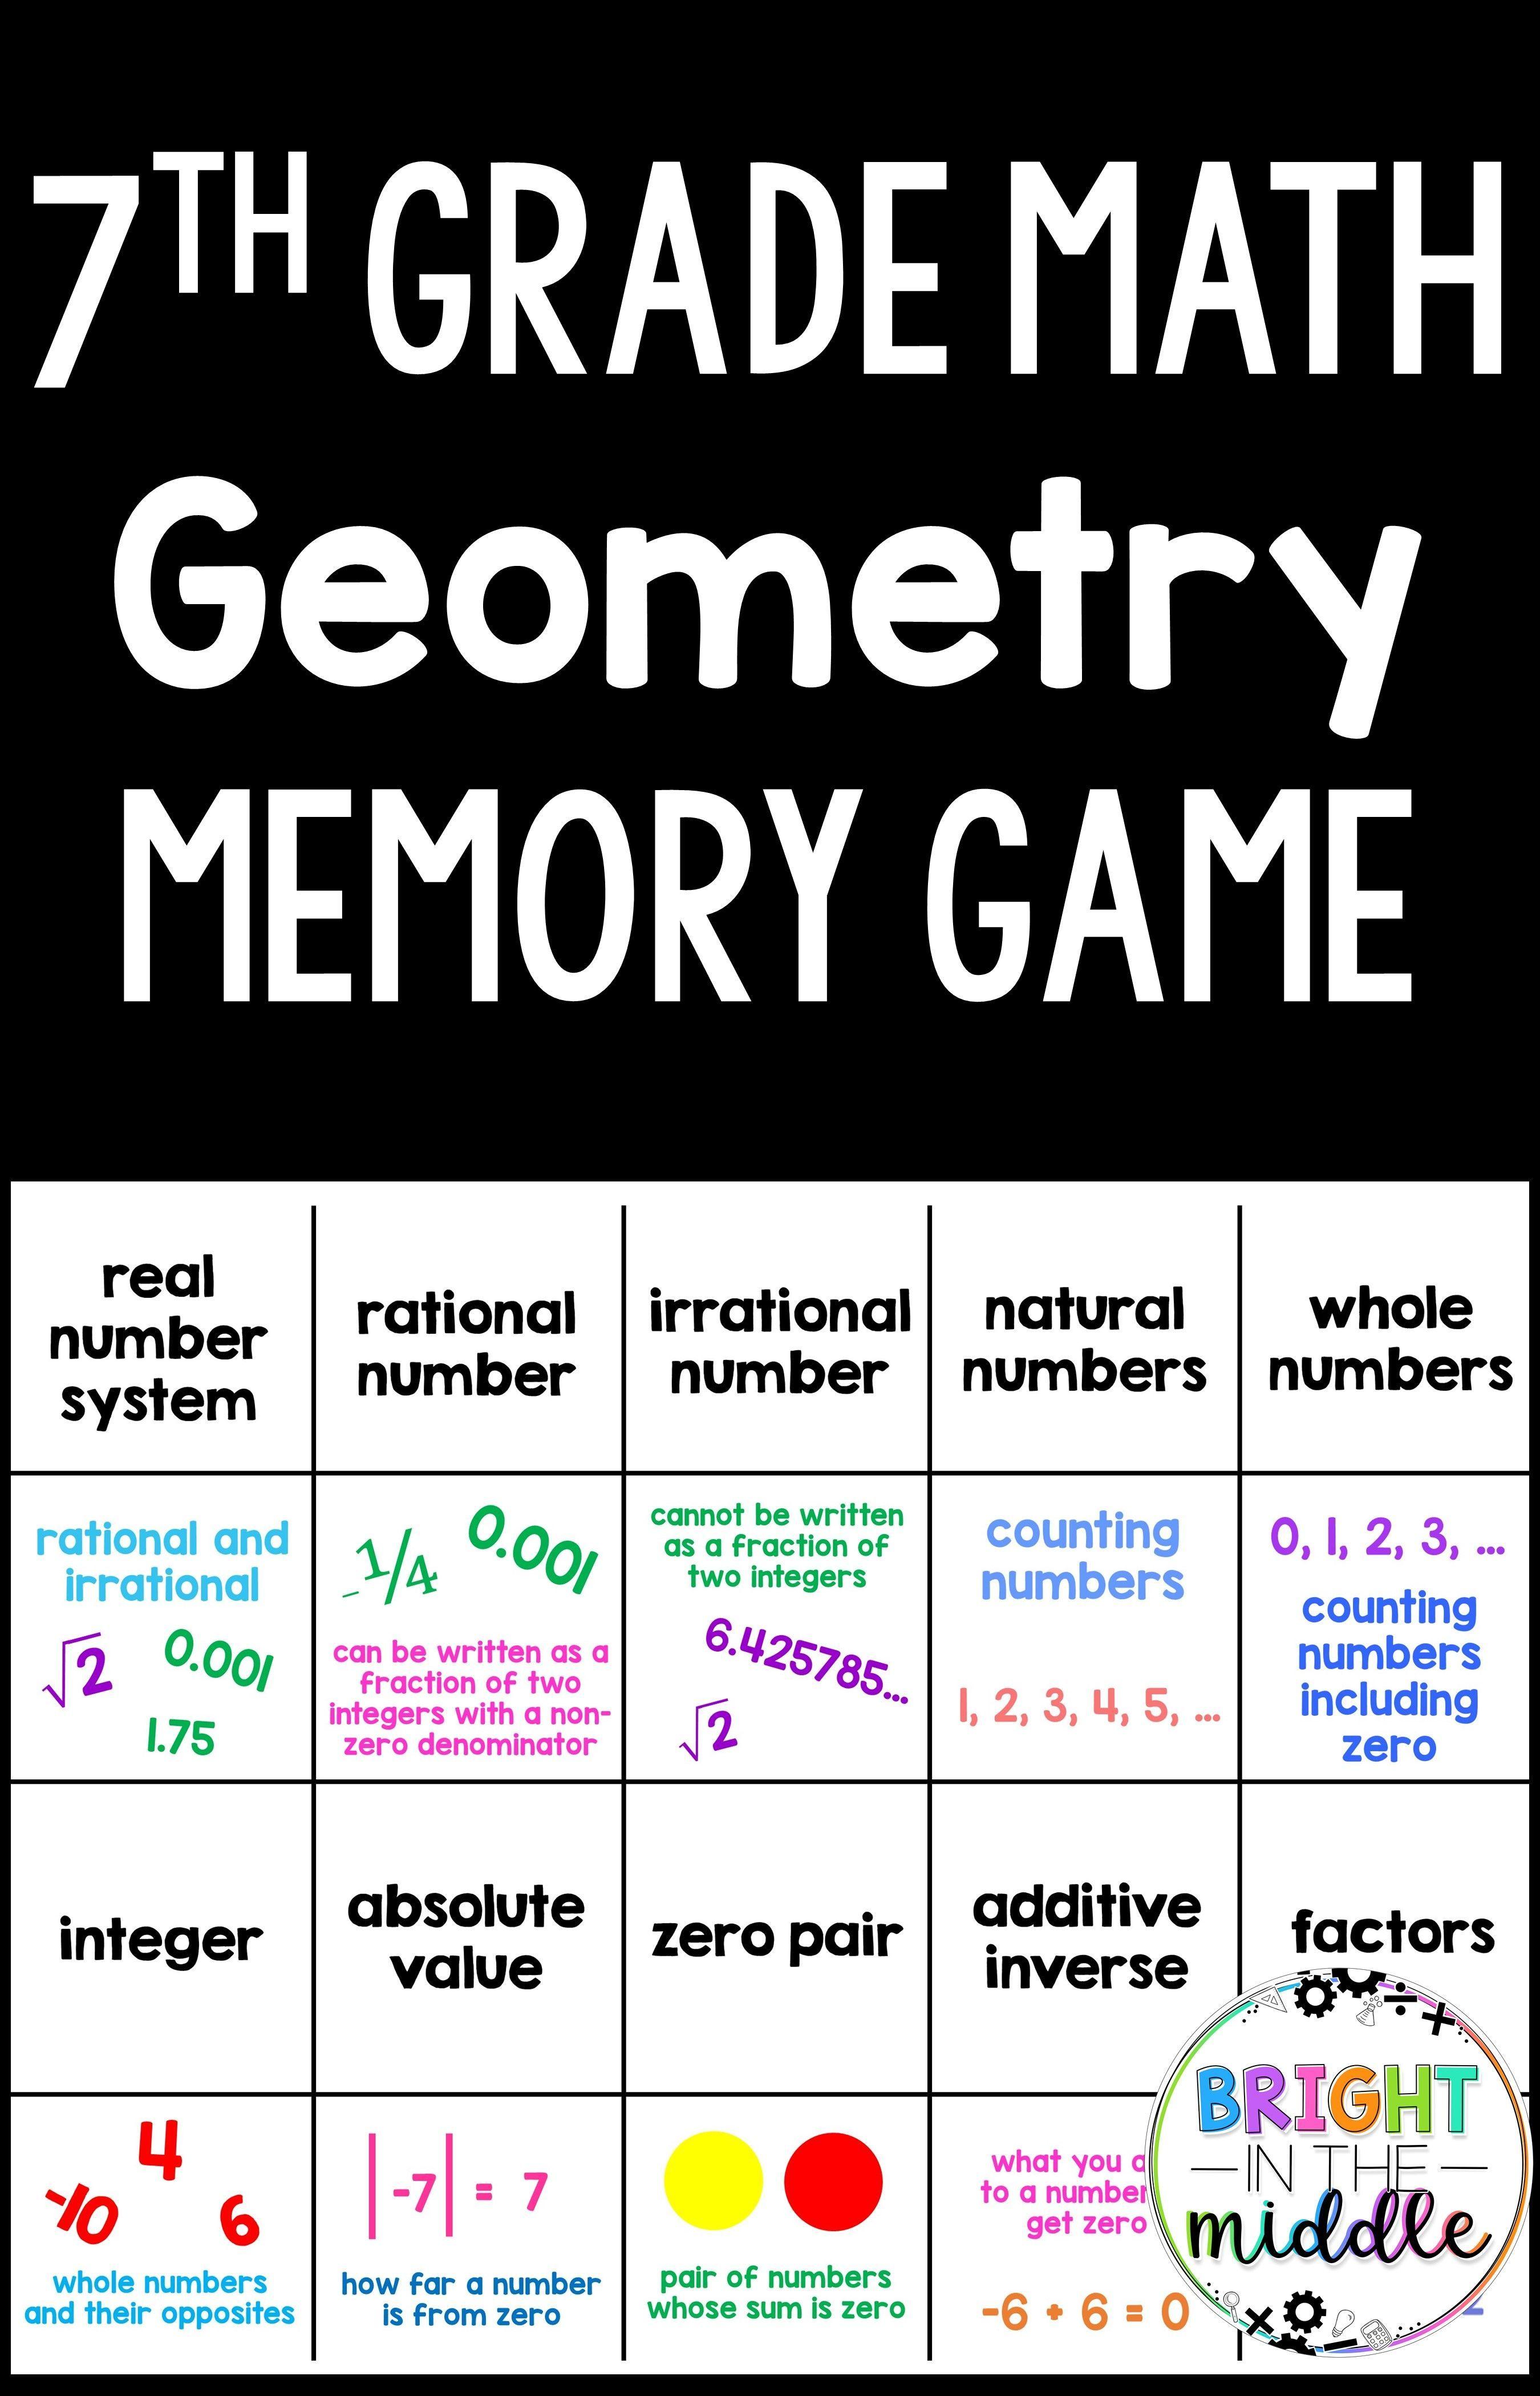 7th Grade Math Game Memory Geometry 7th Grade Math Games Math Games Middle School 7th Grade Math [ 4200 x 2700 Pixel ]